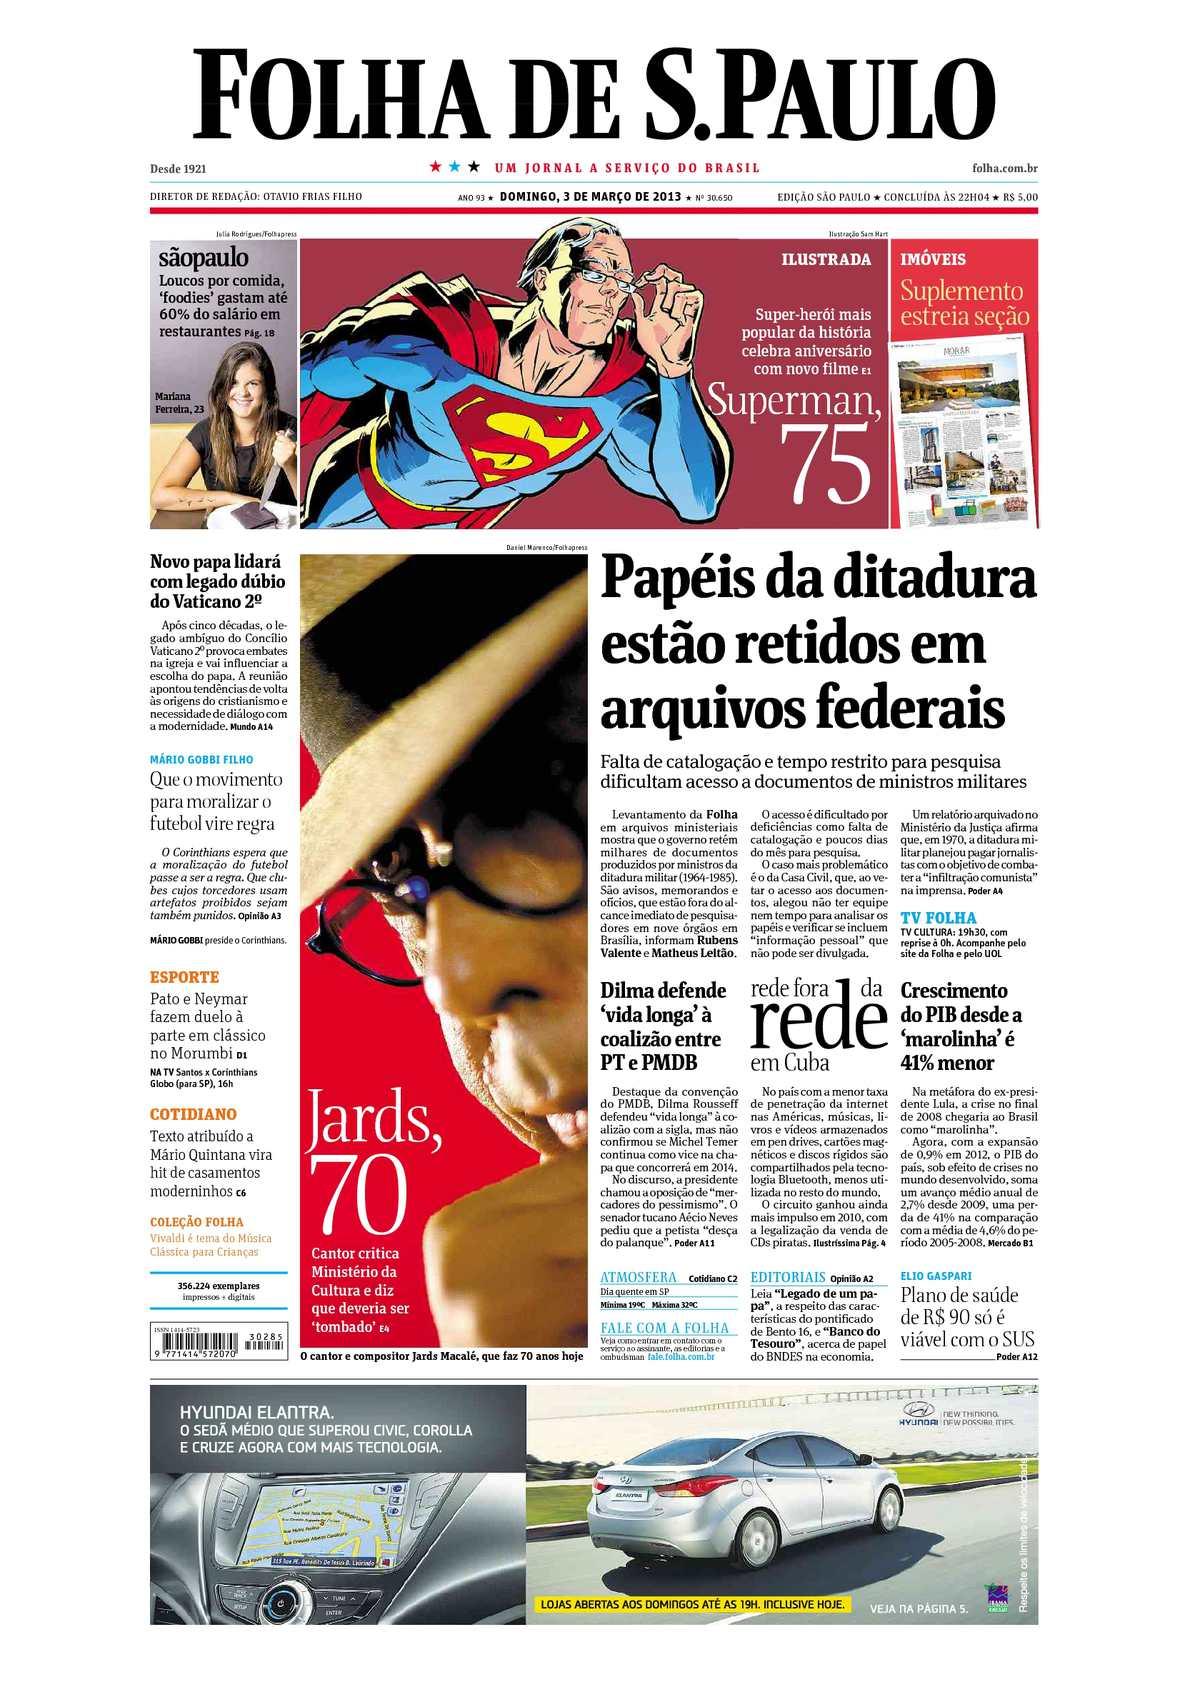 9e8c6c694e Calaméo - Folha de São Paulo 03-03-2013